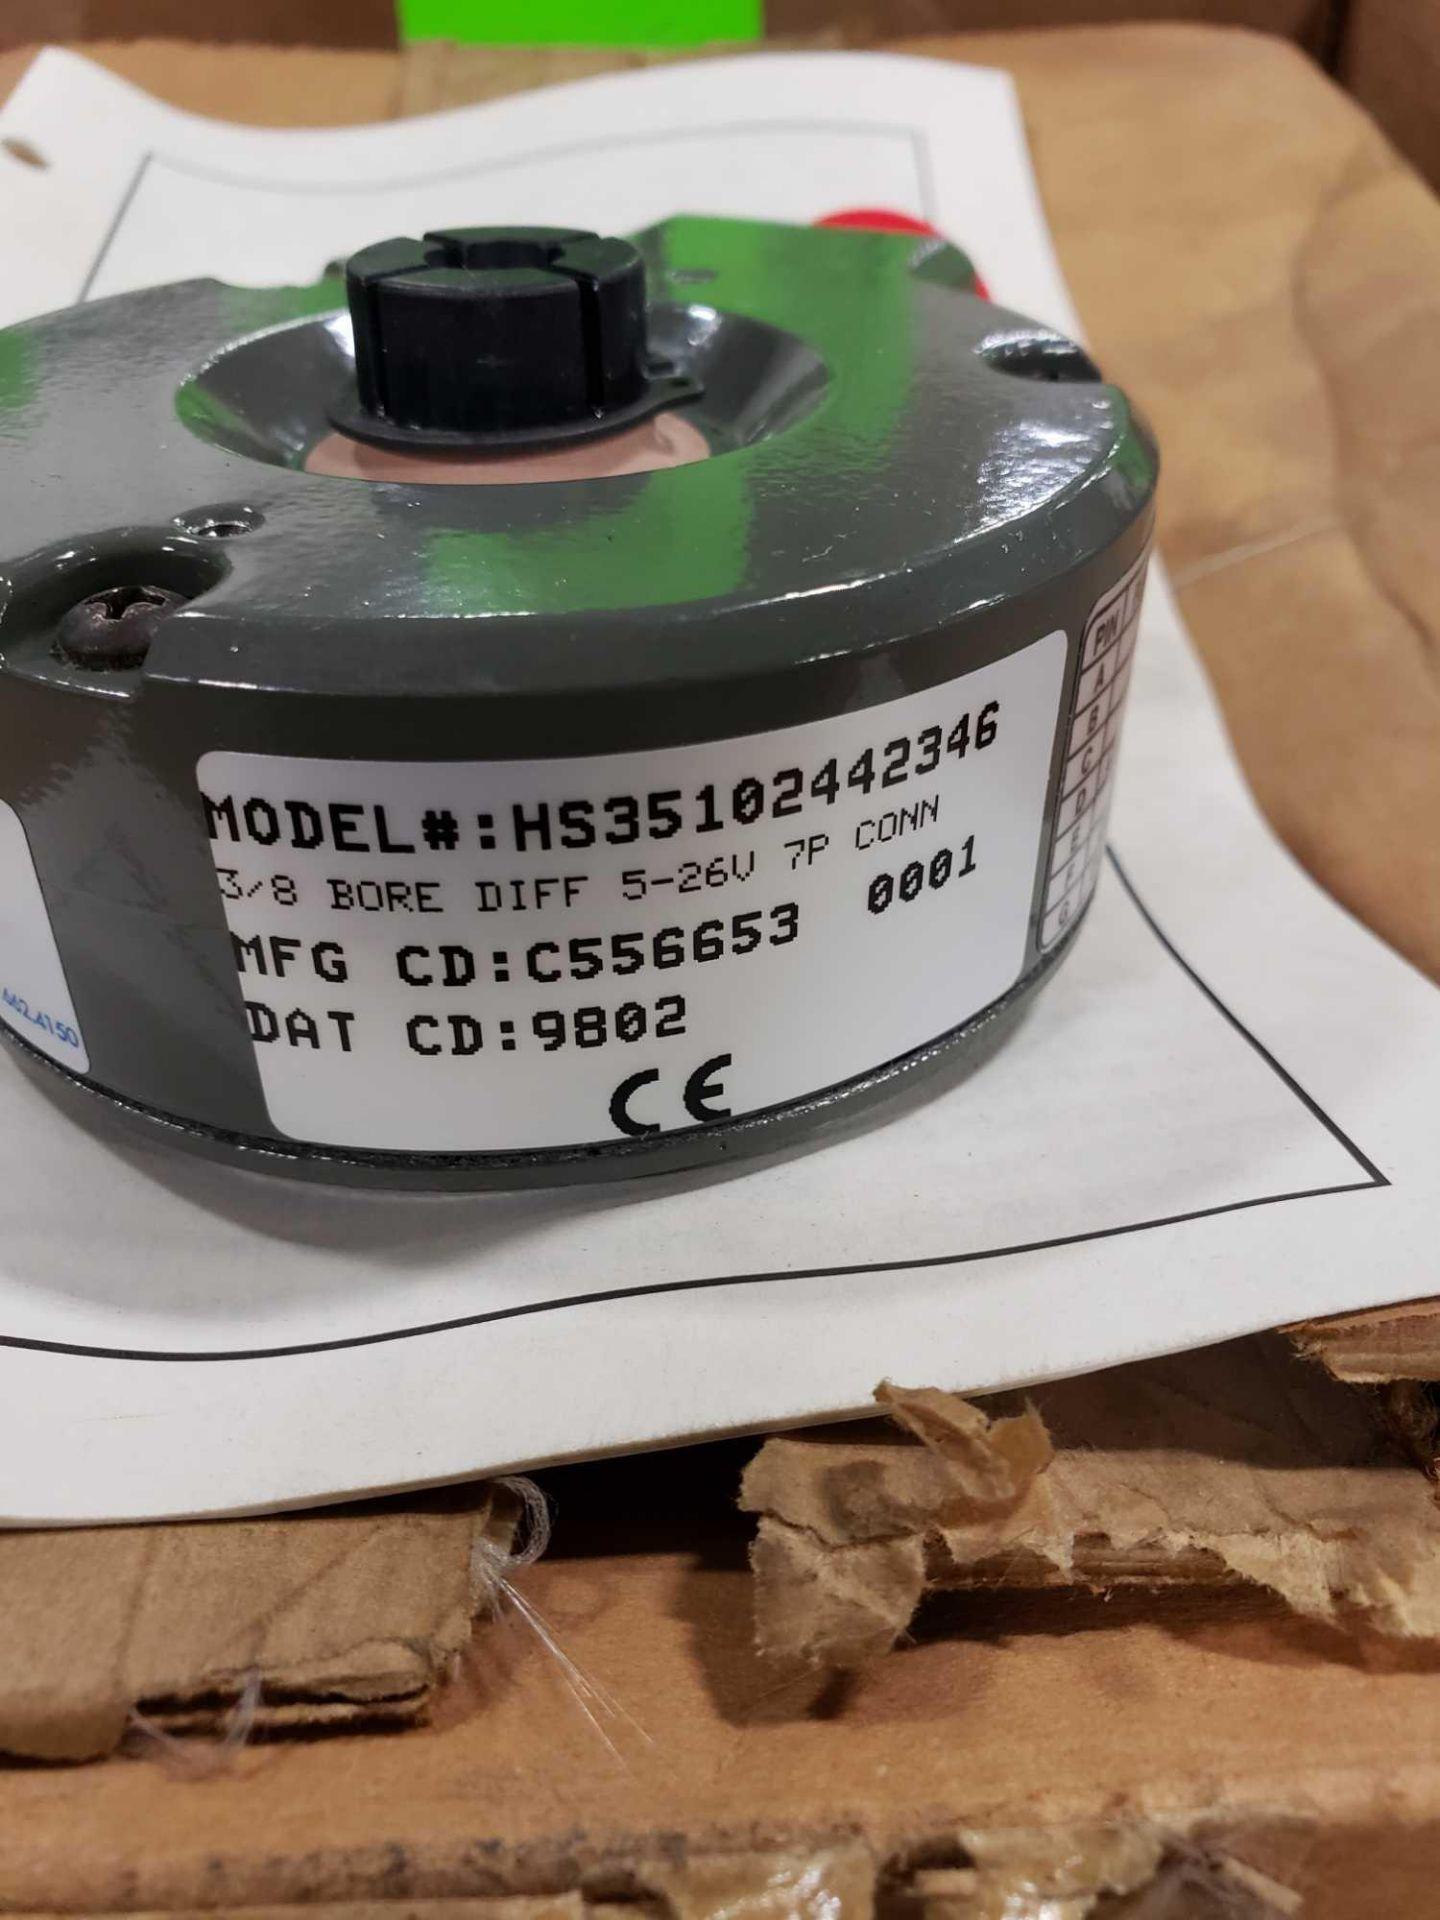 Lot 34 - Dynapar model HS35102442346 encoder. New in box.